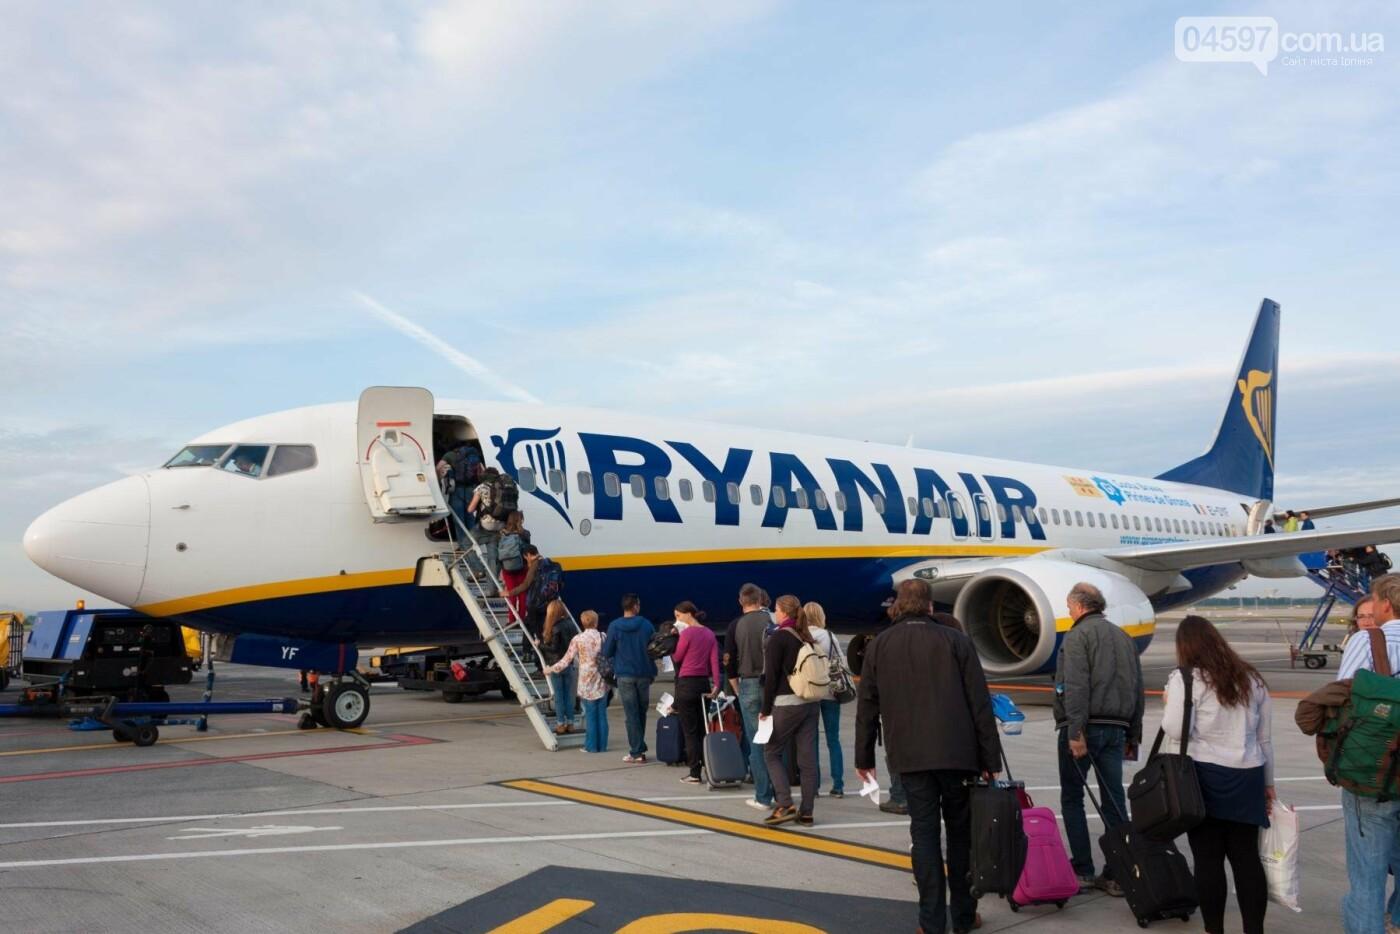 Як не вскочити в халепу з Ryanair і максимально заощадити, фото-2